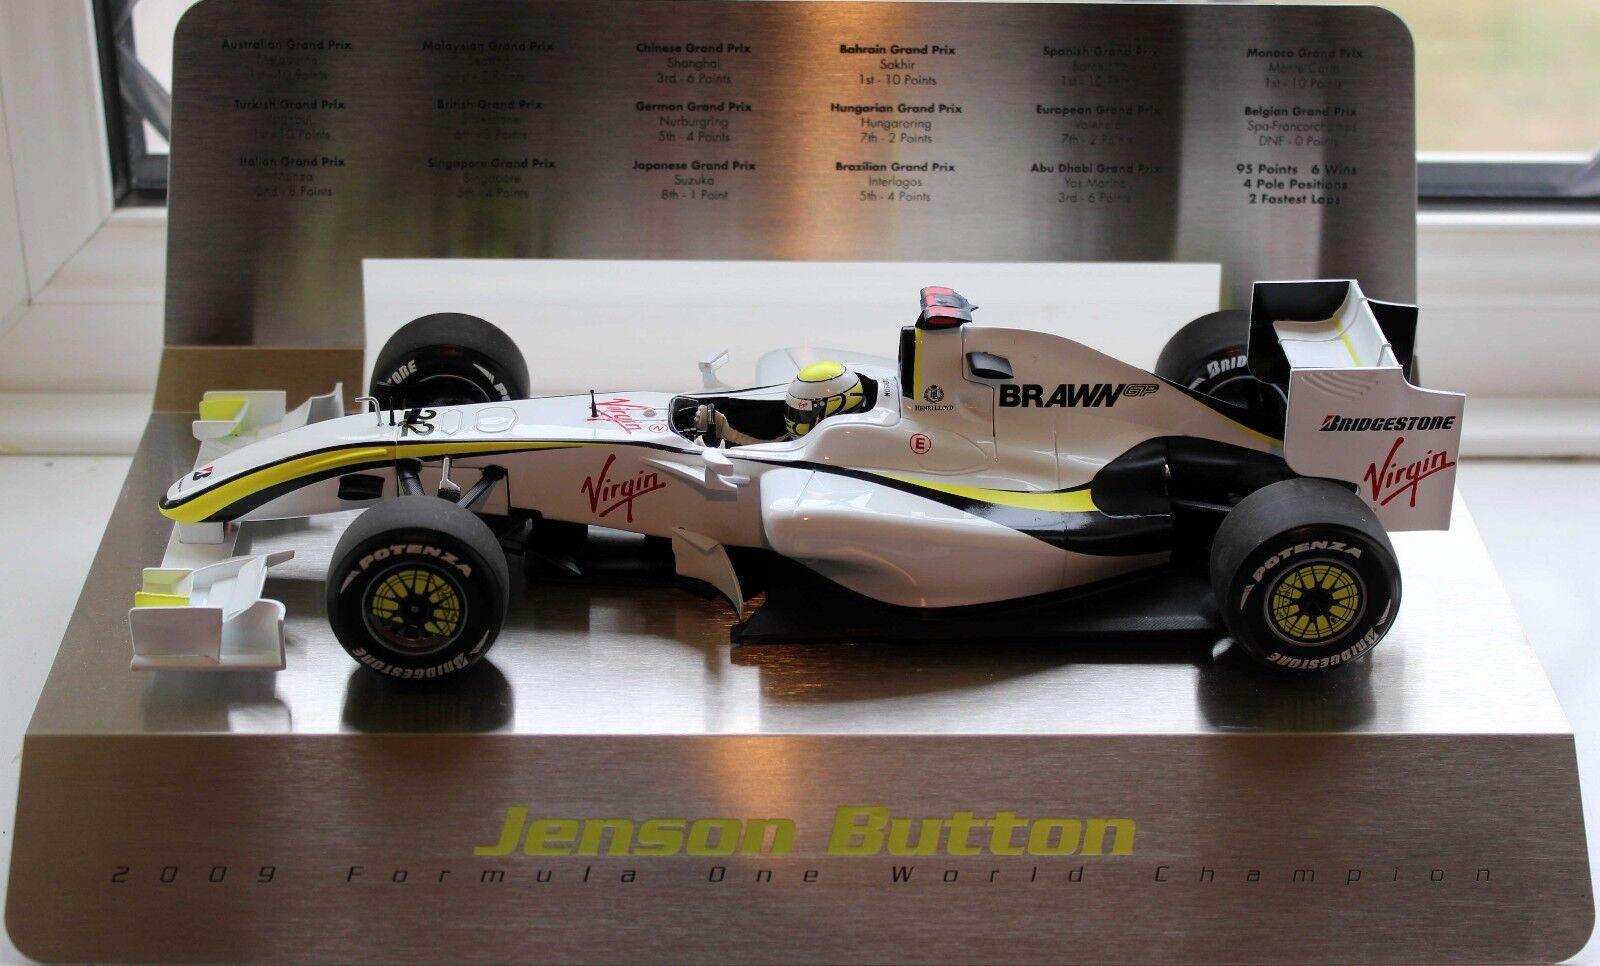 Minichamps 1 18 BRAWN GP F1 Jenson Button CAMPIONE DEL MONDO 2009 S visualizzazione in acciaio